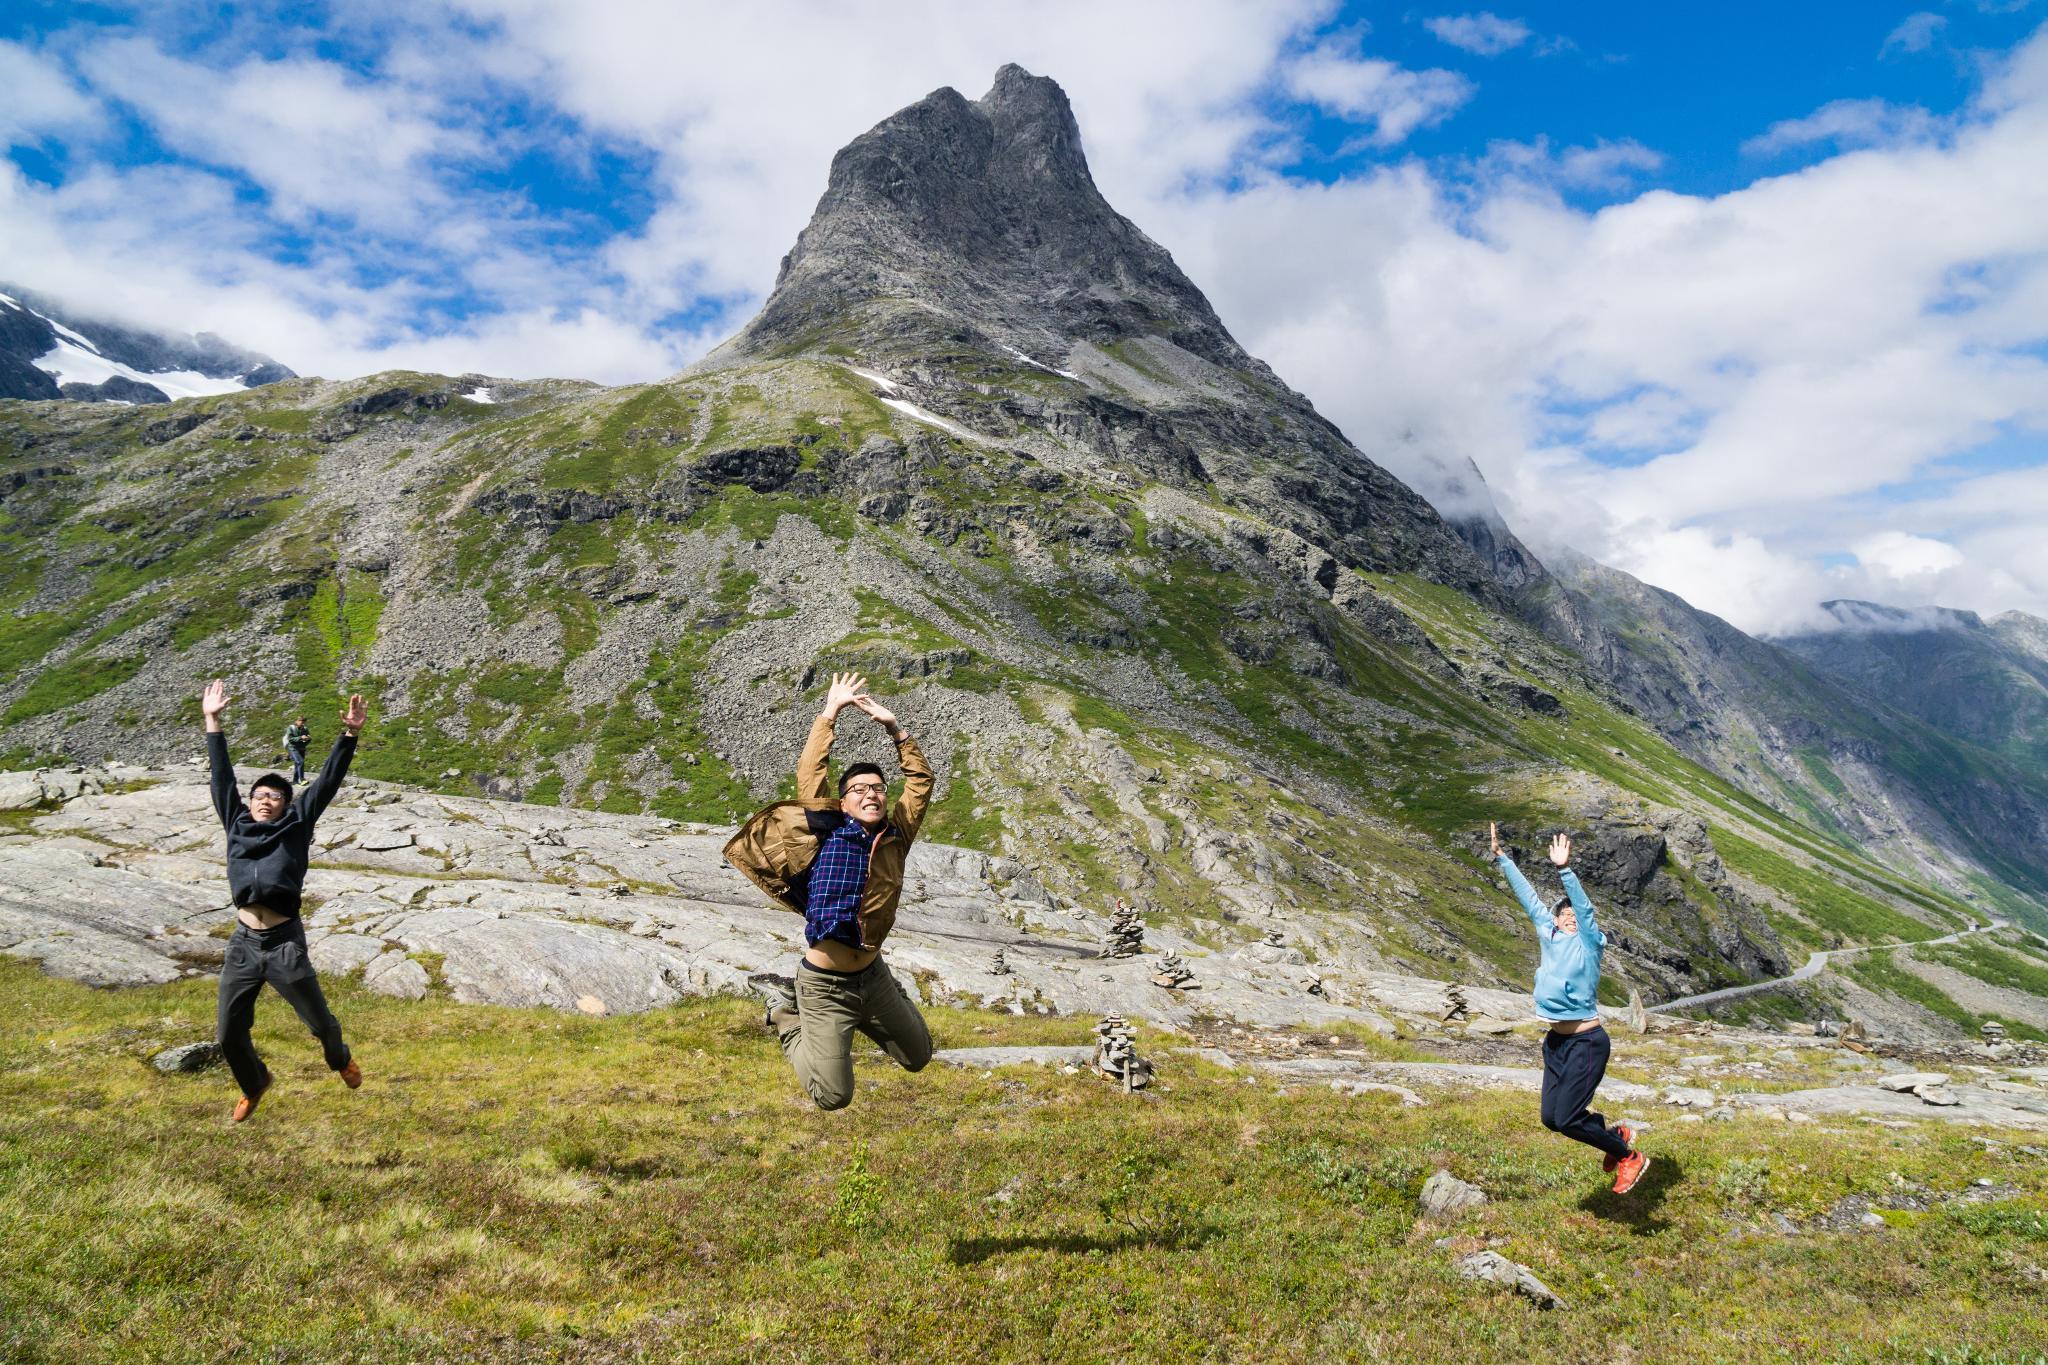 【北歐景點】Trollstigen 精靈之路 ∣ 挪威最驚險的世界級景觀公路 29